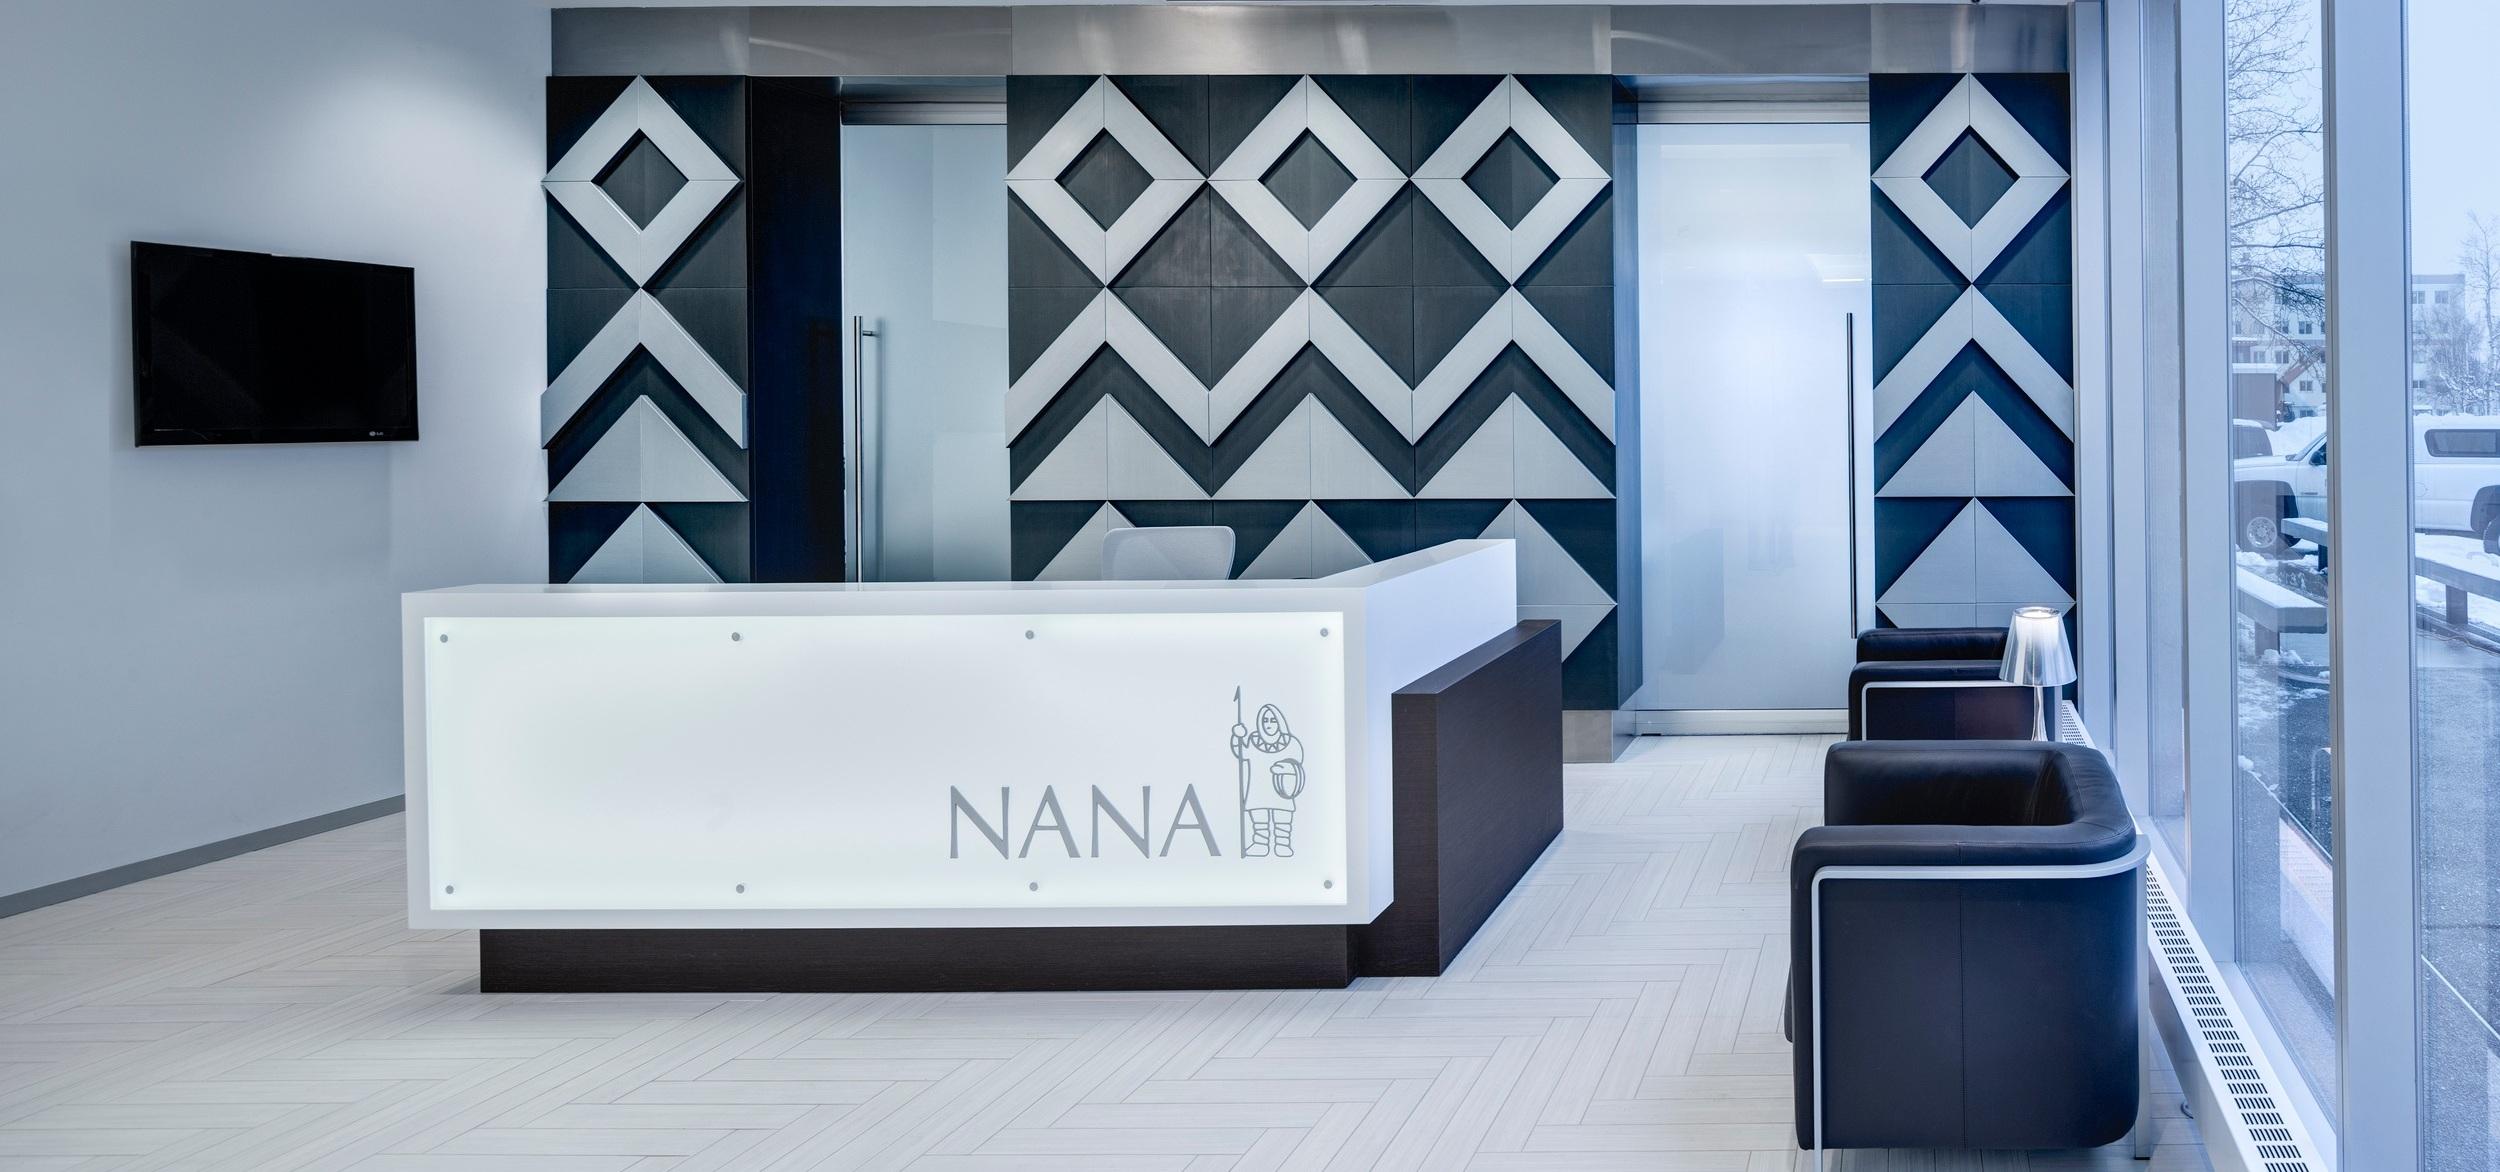 20121115-KPB-Nana-0219.jpg